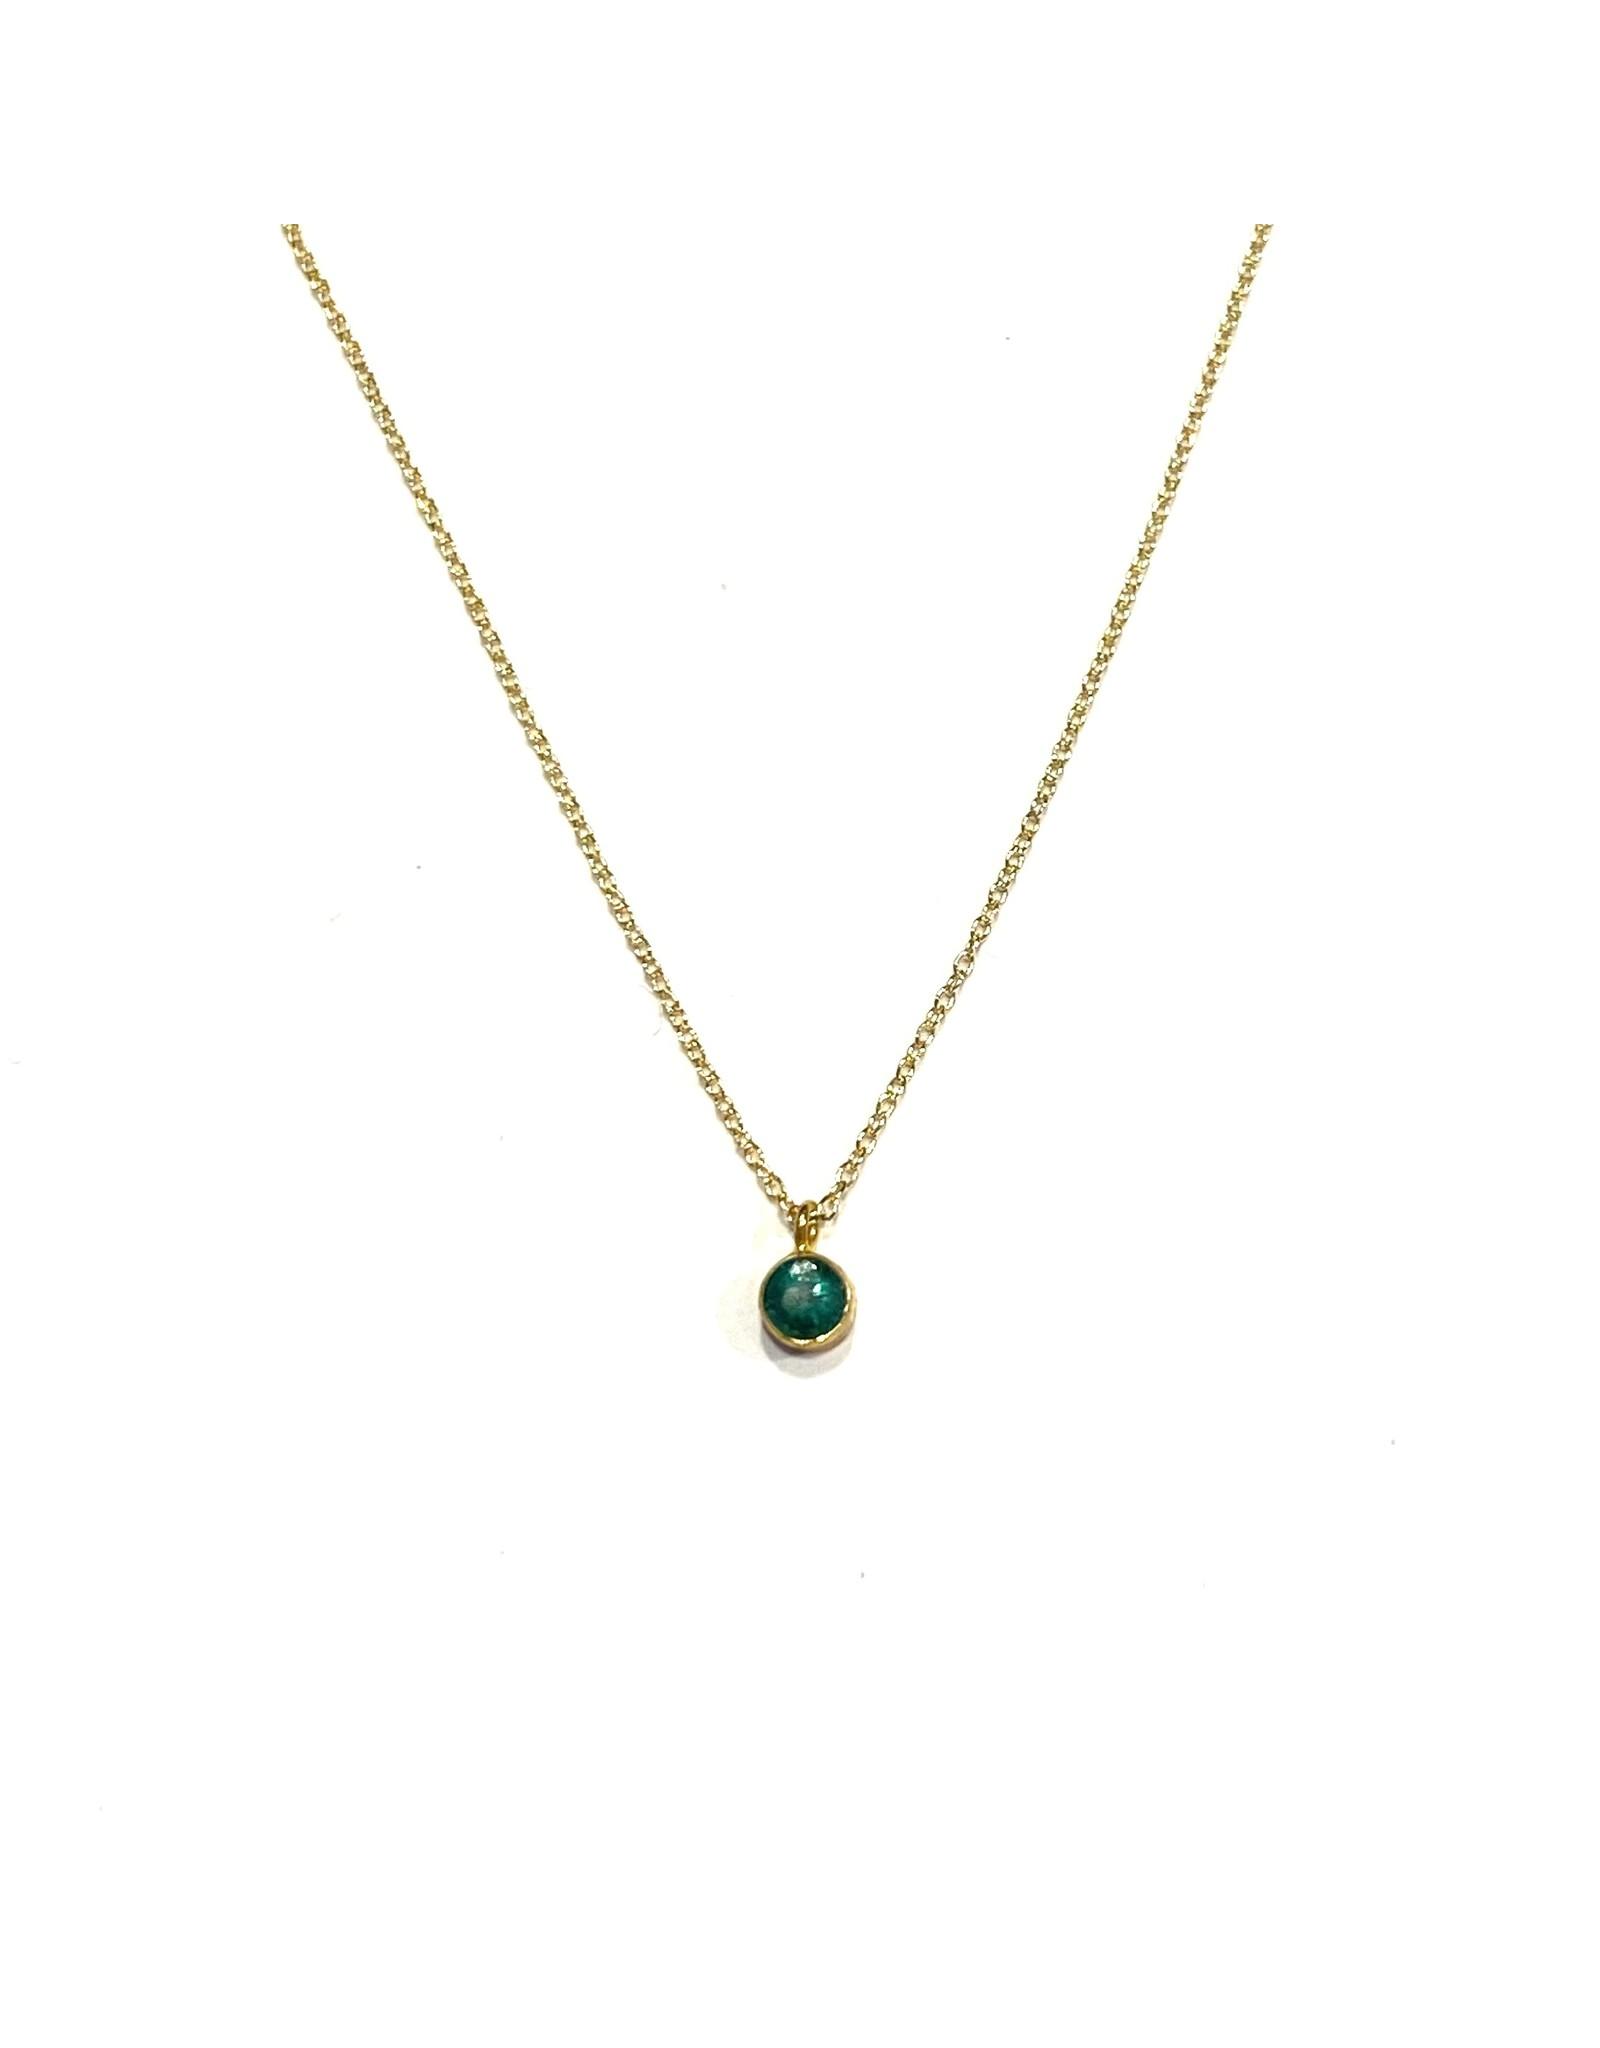 Bo Gold Necklace - Gold - Gemstone